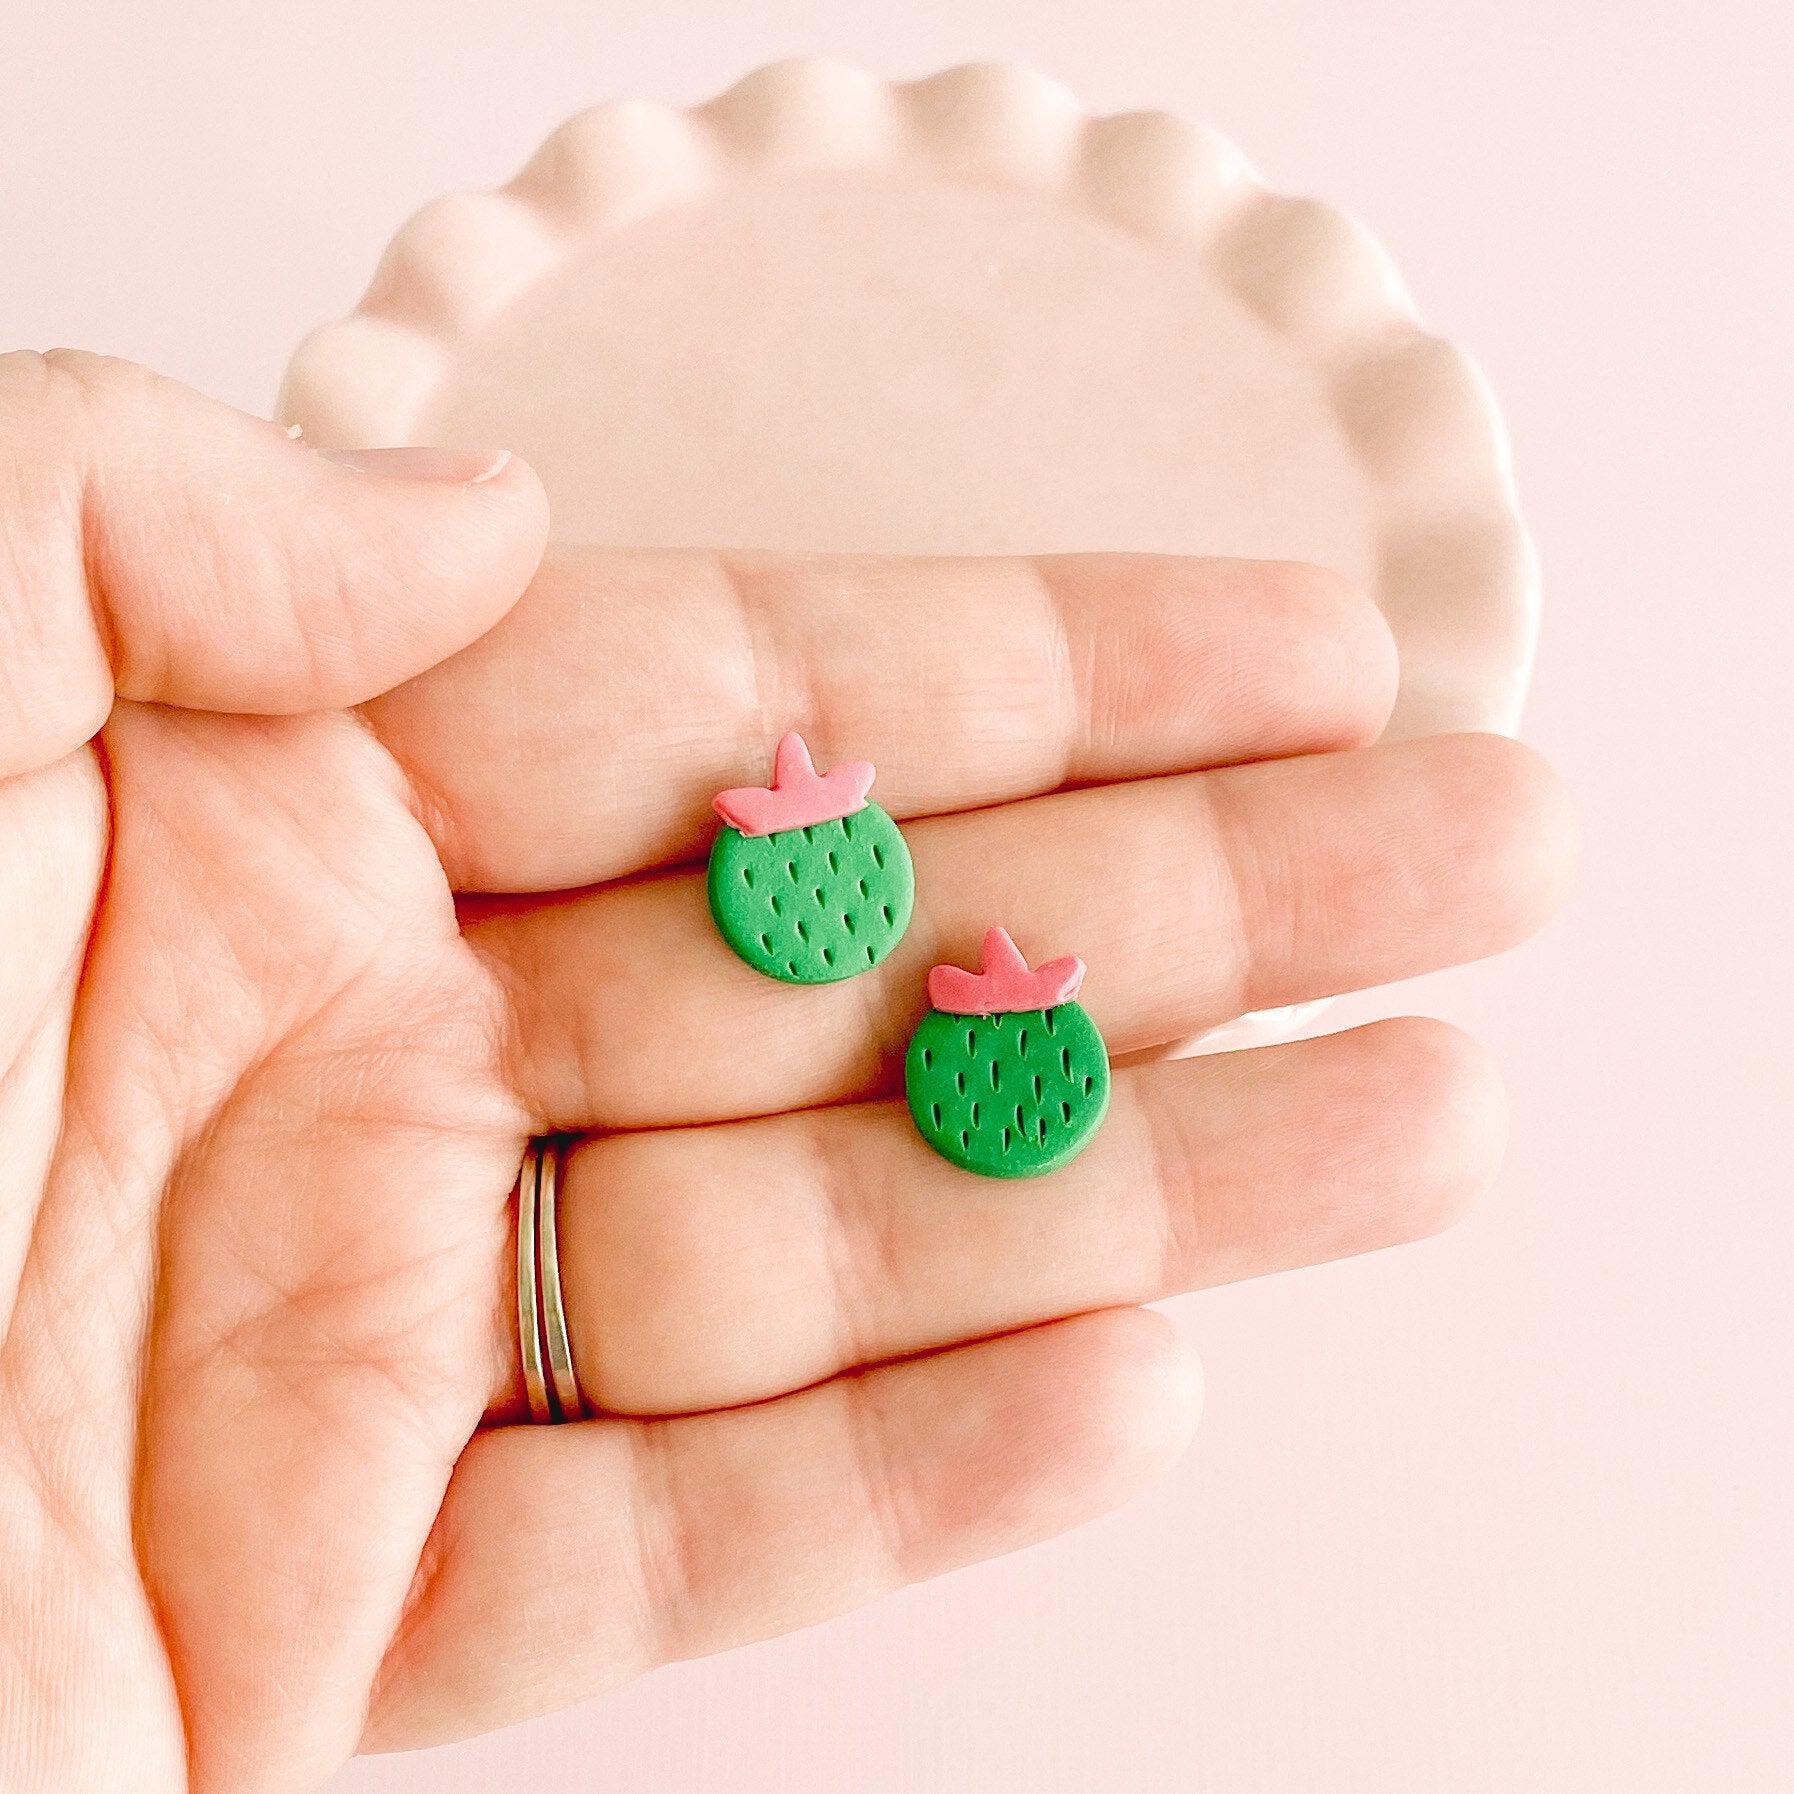 Cute Cactus Stud Earrings in Hand